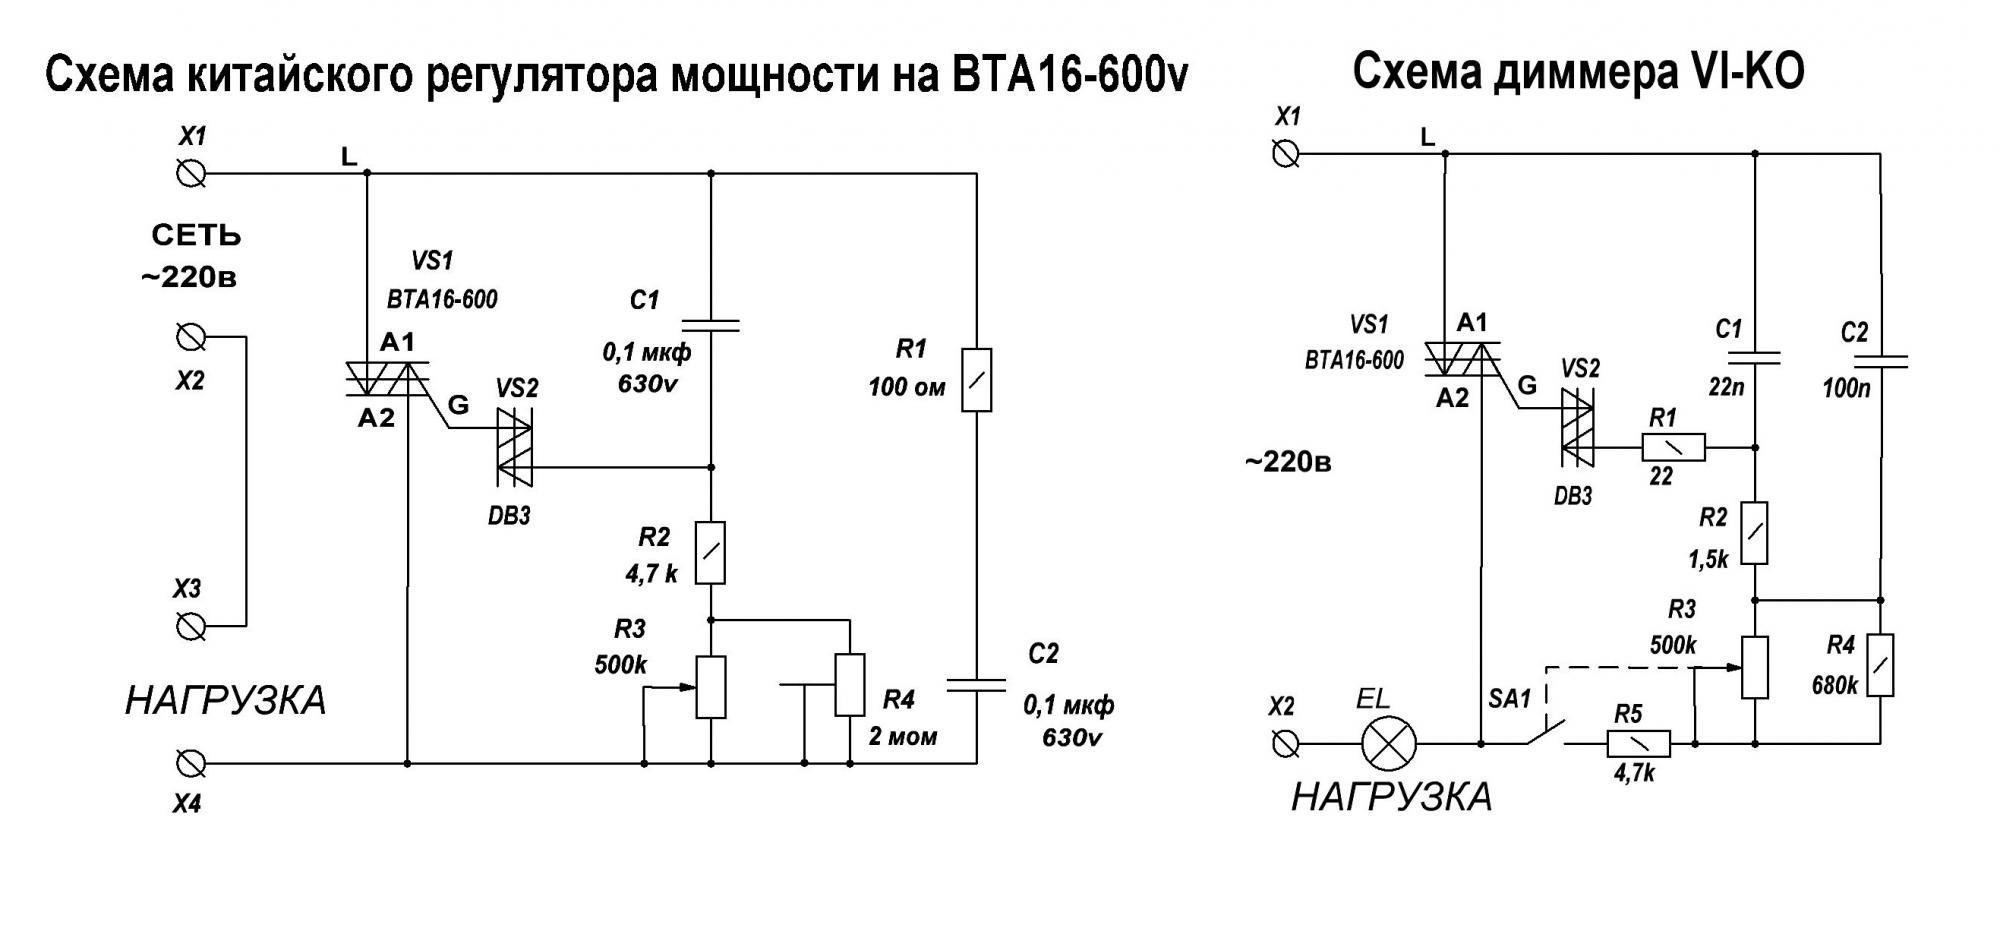 Регулятор мощности для плитки схемы